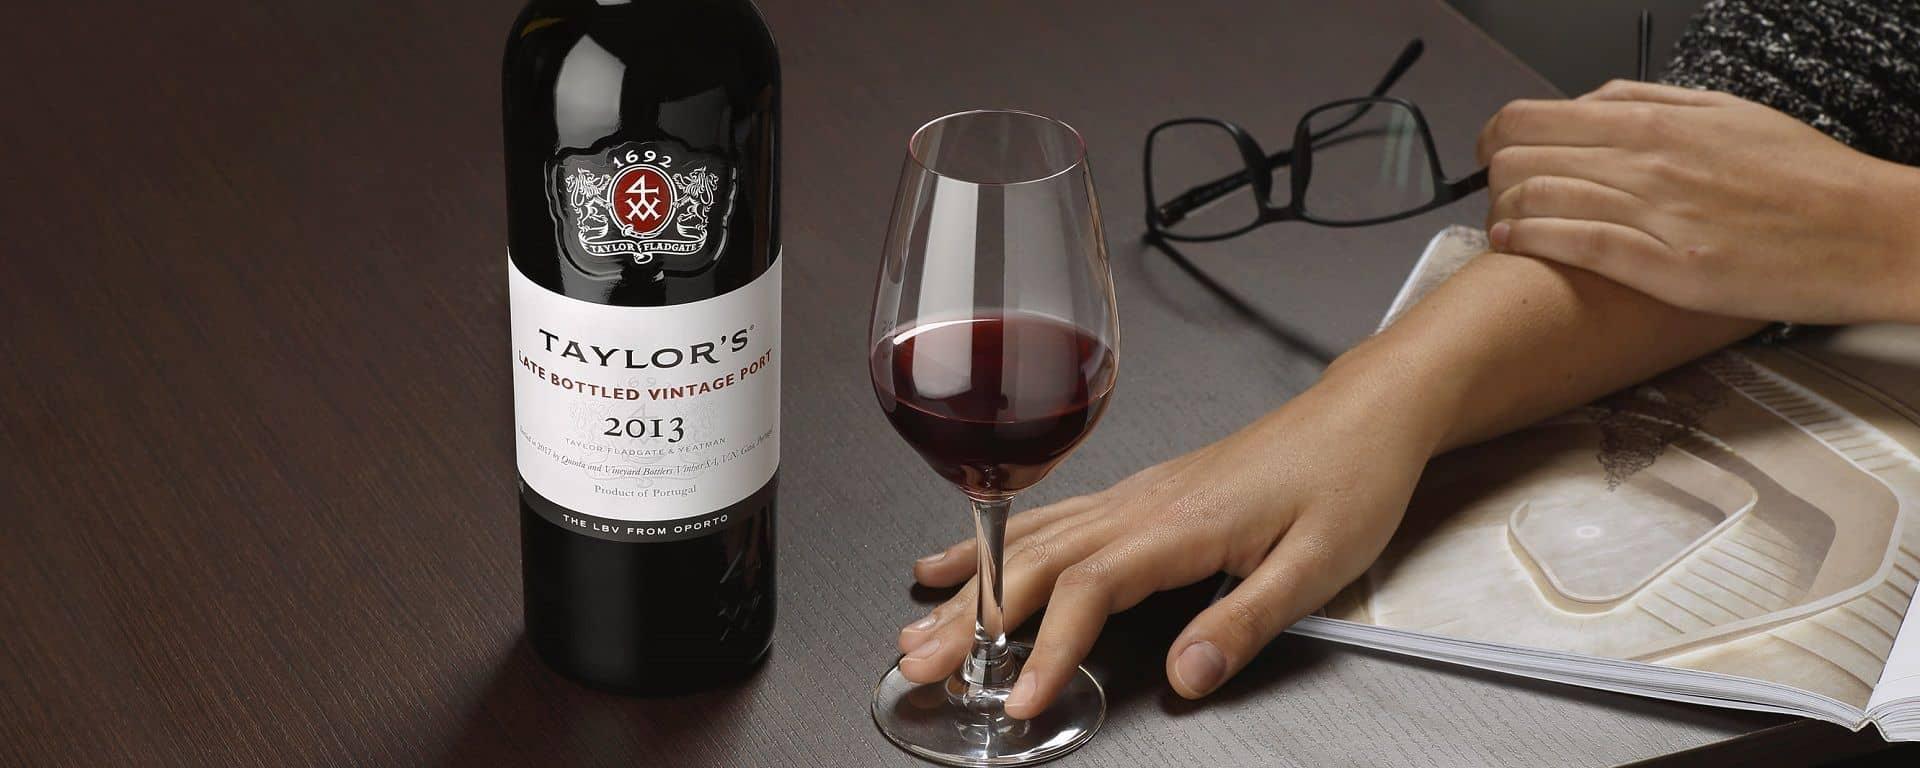 Late Bottled Vintage 2013 Port wine bottle and glass